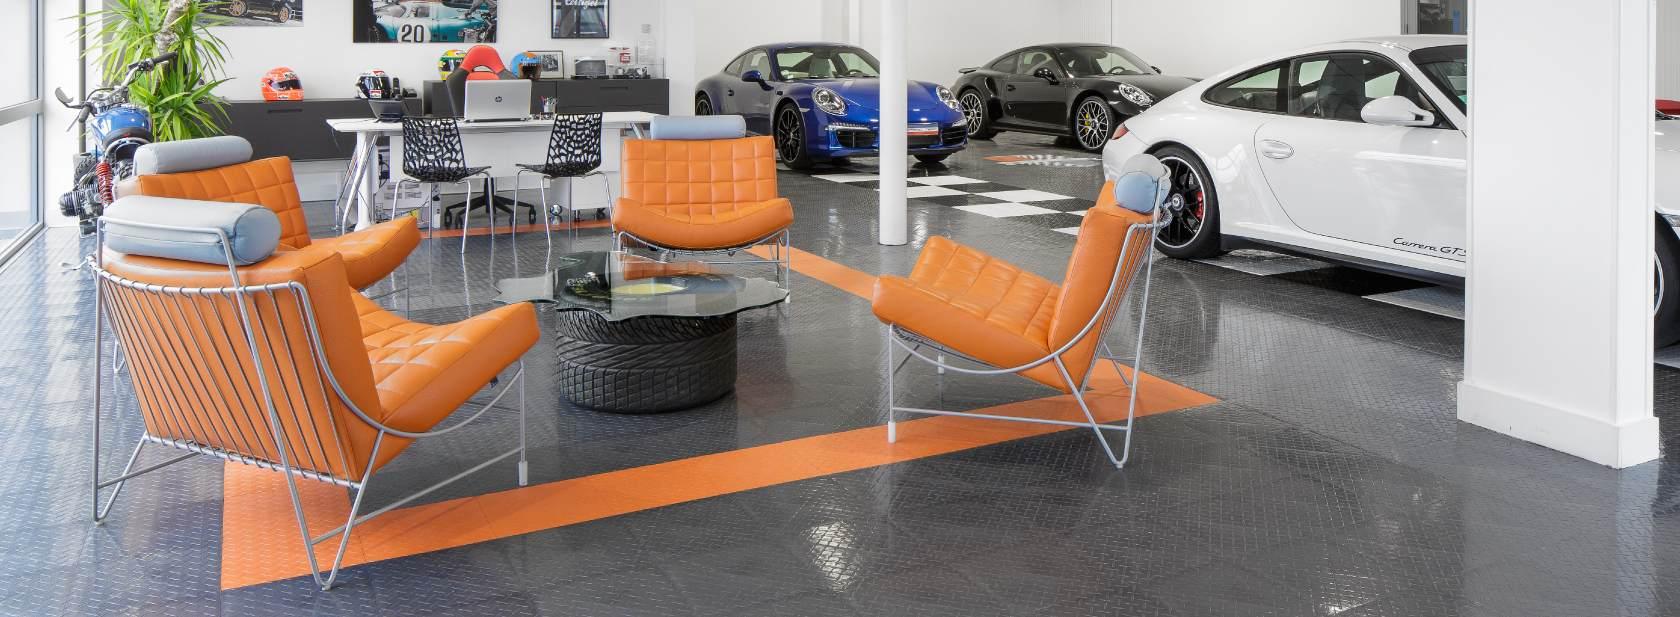 le garage historic team vous propose des voitures d 39 occasion porsche vente et entretien situ. Black Bedroom Furniture Sets. Home Design Ideas